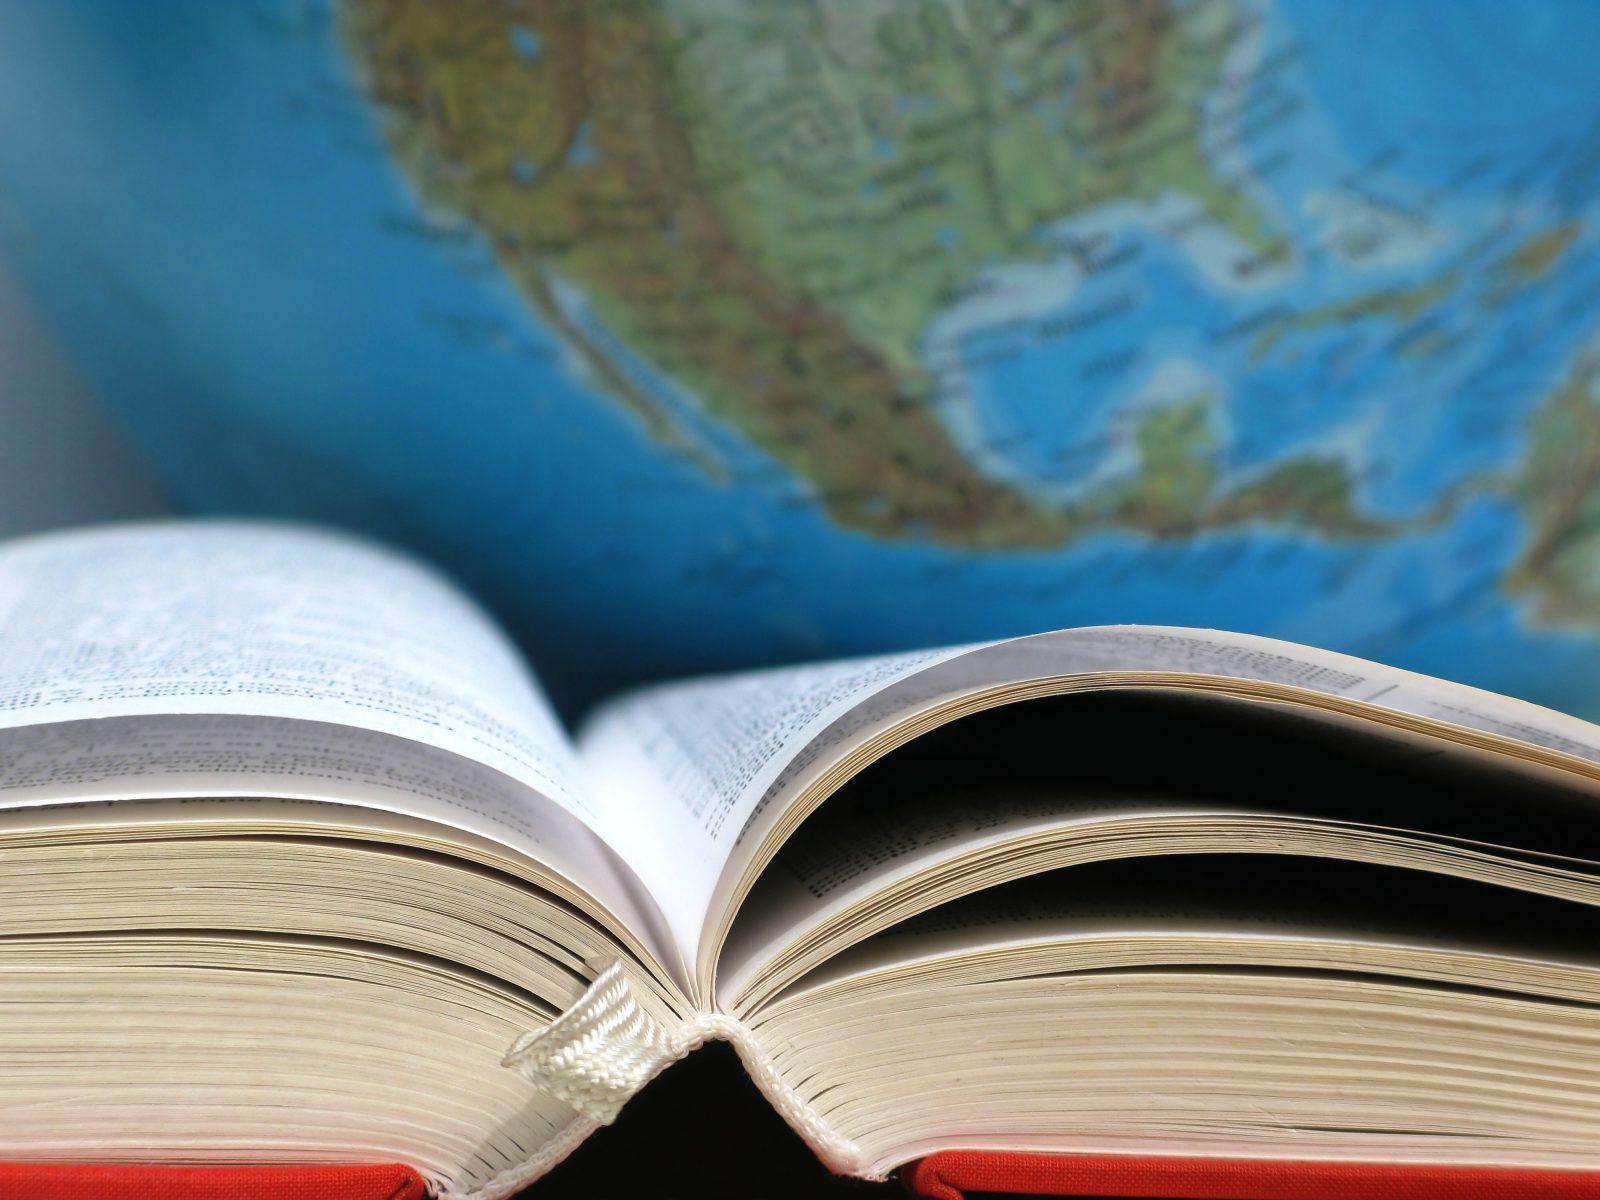 Calendrier scolaire 2016-2017 de la région Grand Est : toutes les dates des vacances scolaires